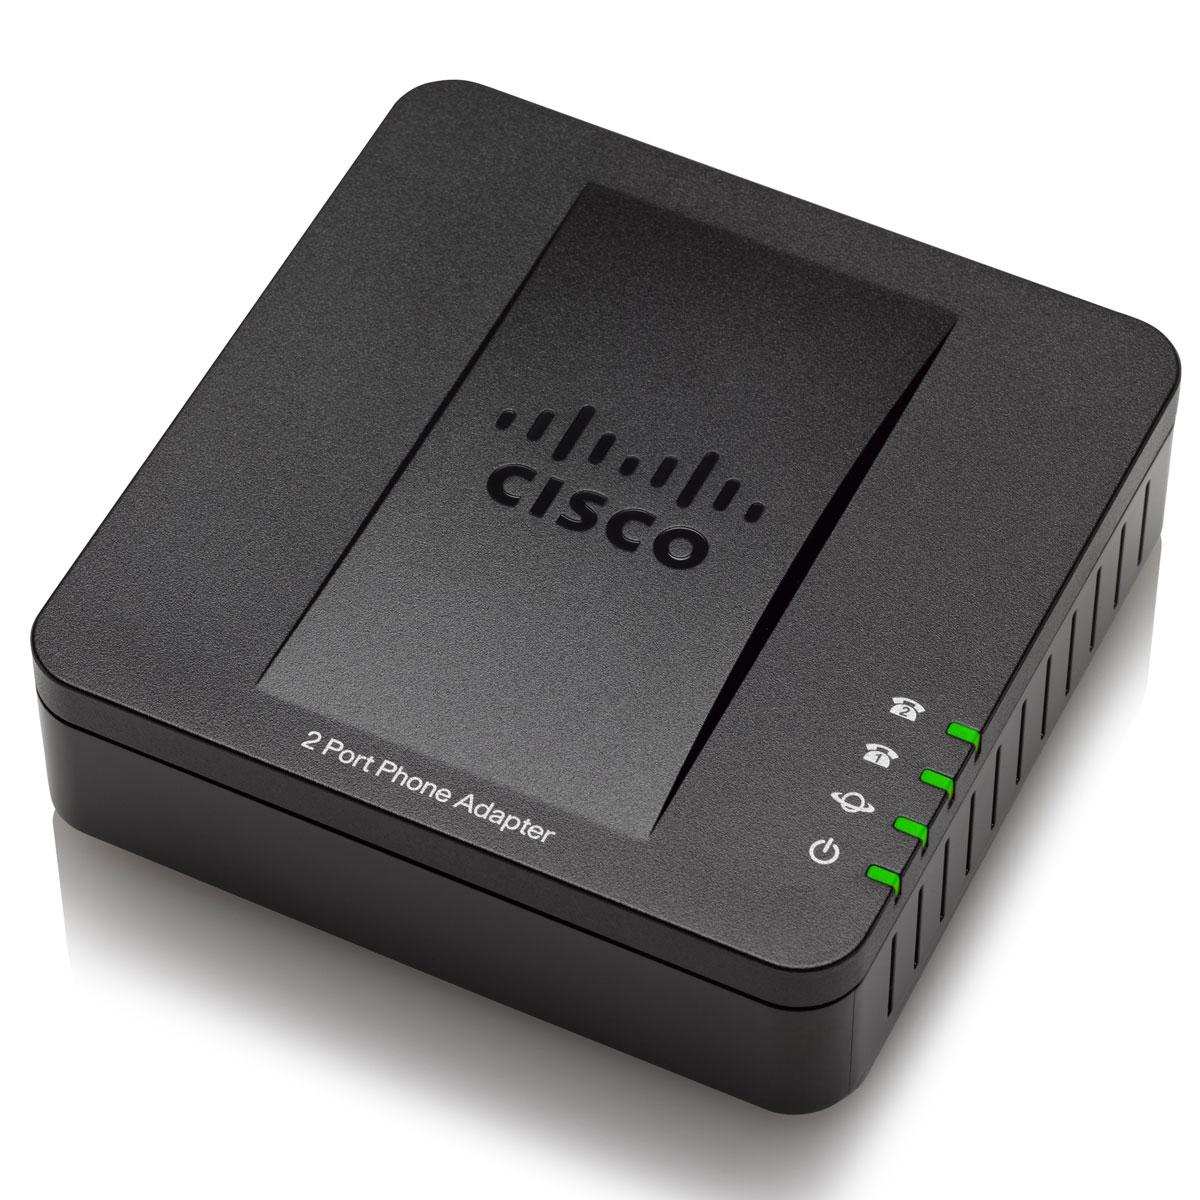 Téléphonie VoIP Cisco SPA122 Adaptateur téléphonique 2 ports avec routeur intégré